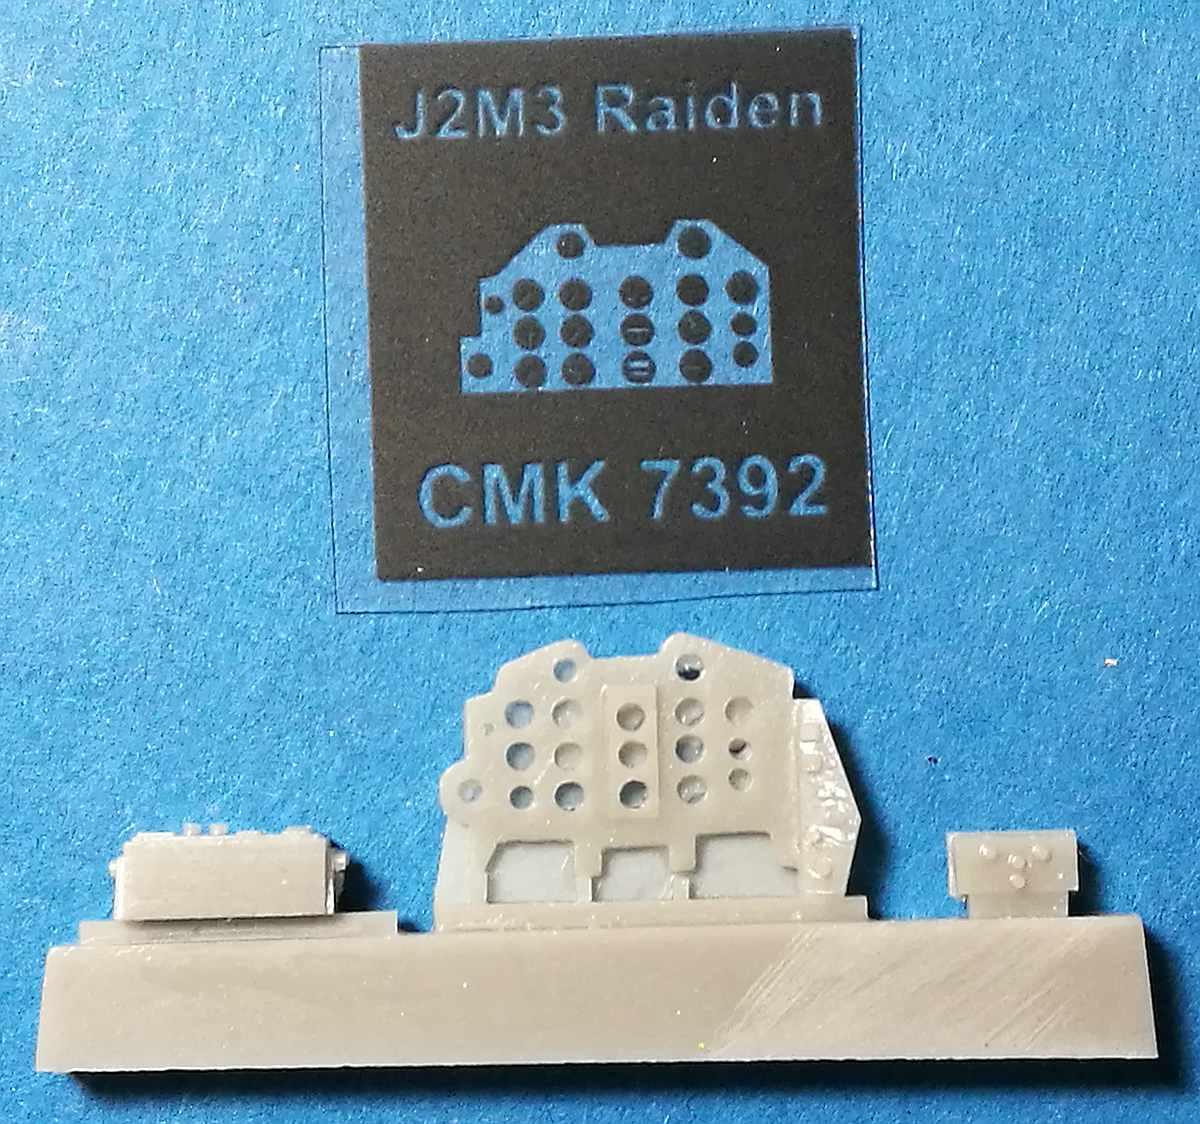 CMK-7392-J2M3-Raiden-Cockpit-Set-5 Zubehör für Hasegawas J2M3 Raiden im Maßstab 1:72 von CMK 7392 - 7396